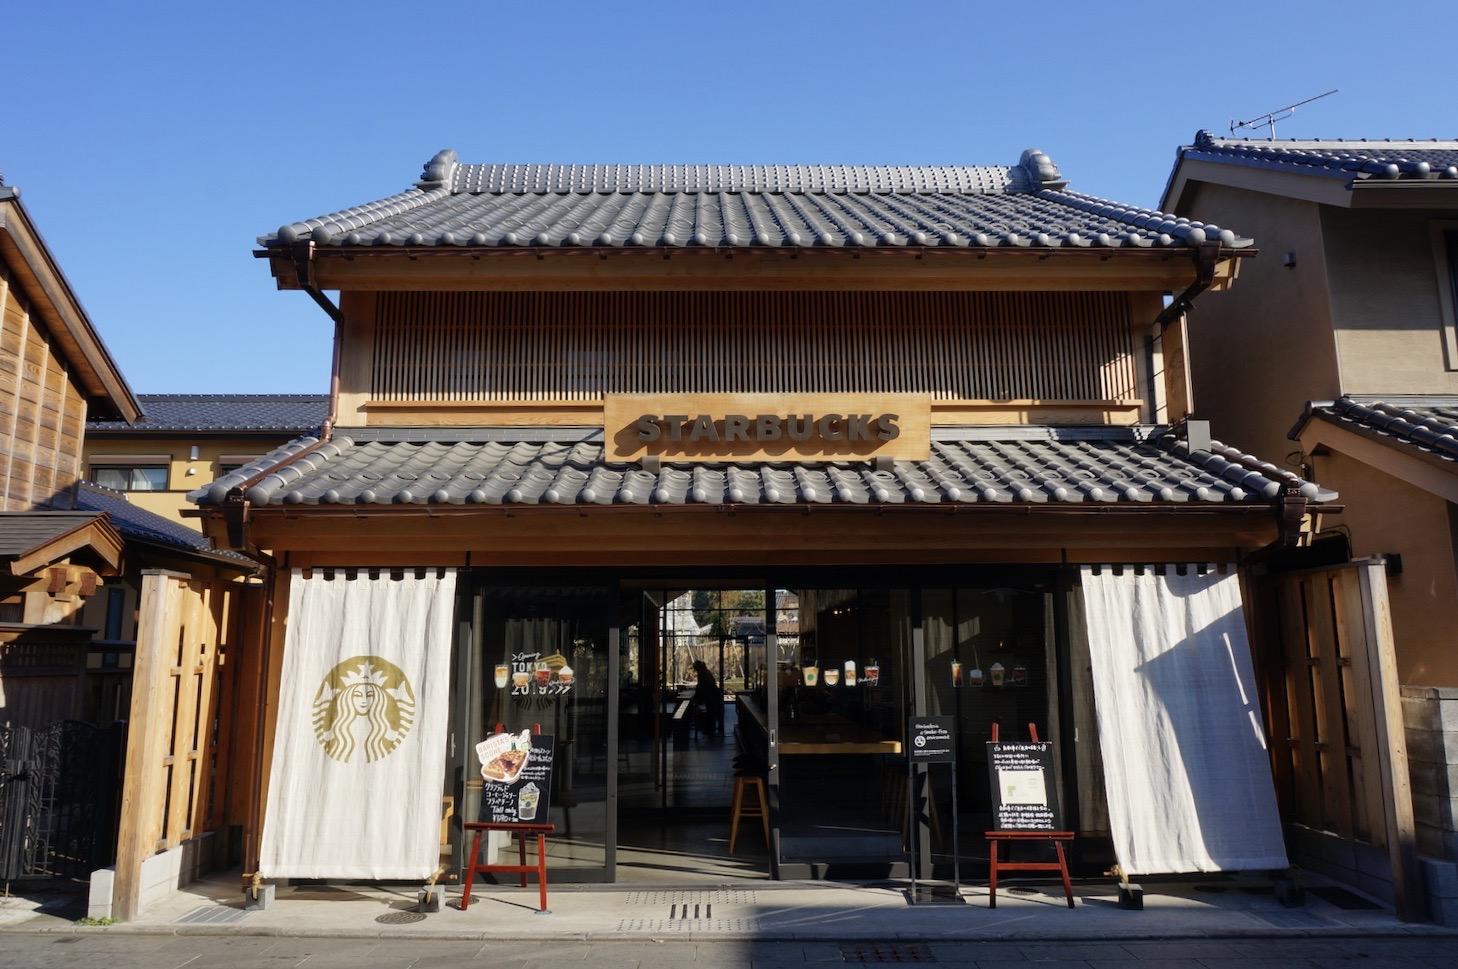 埼玉県 川越鐘つき通り スターバックスコーヒー